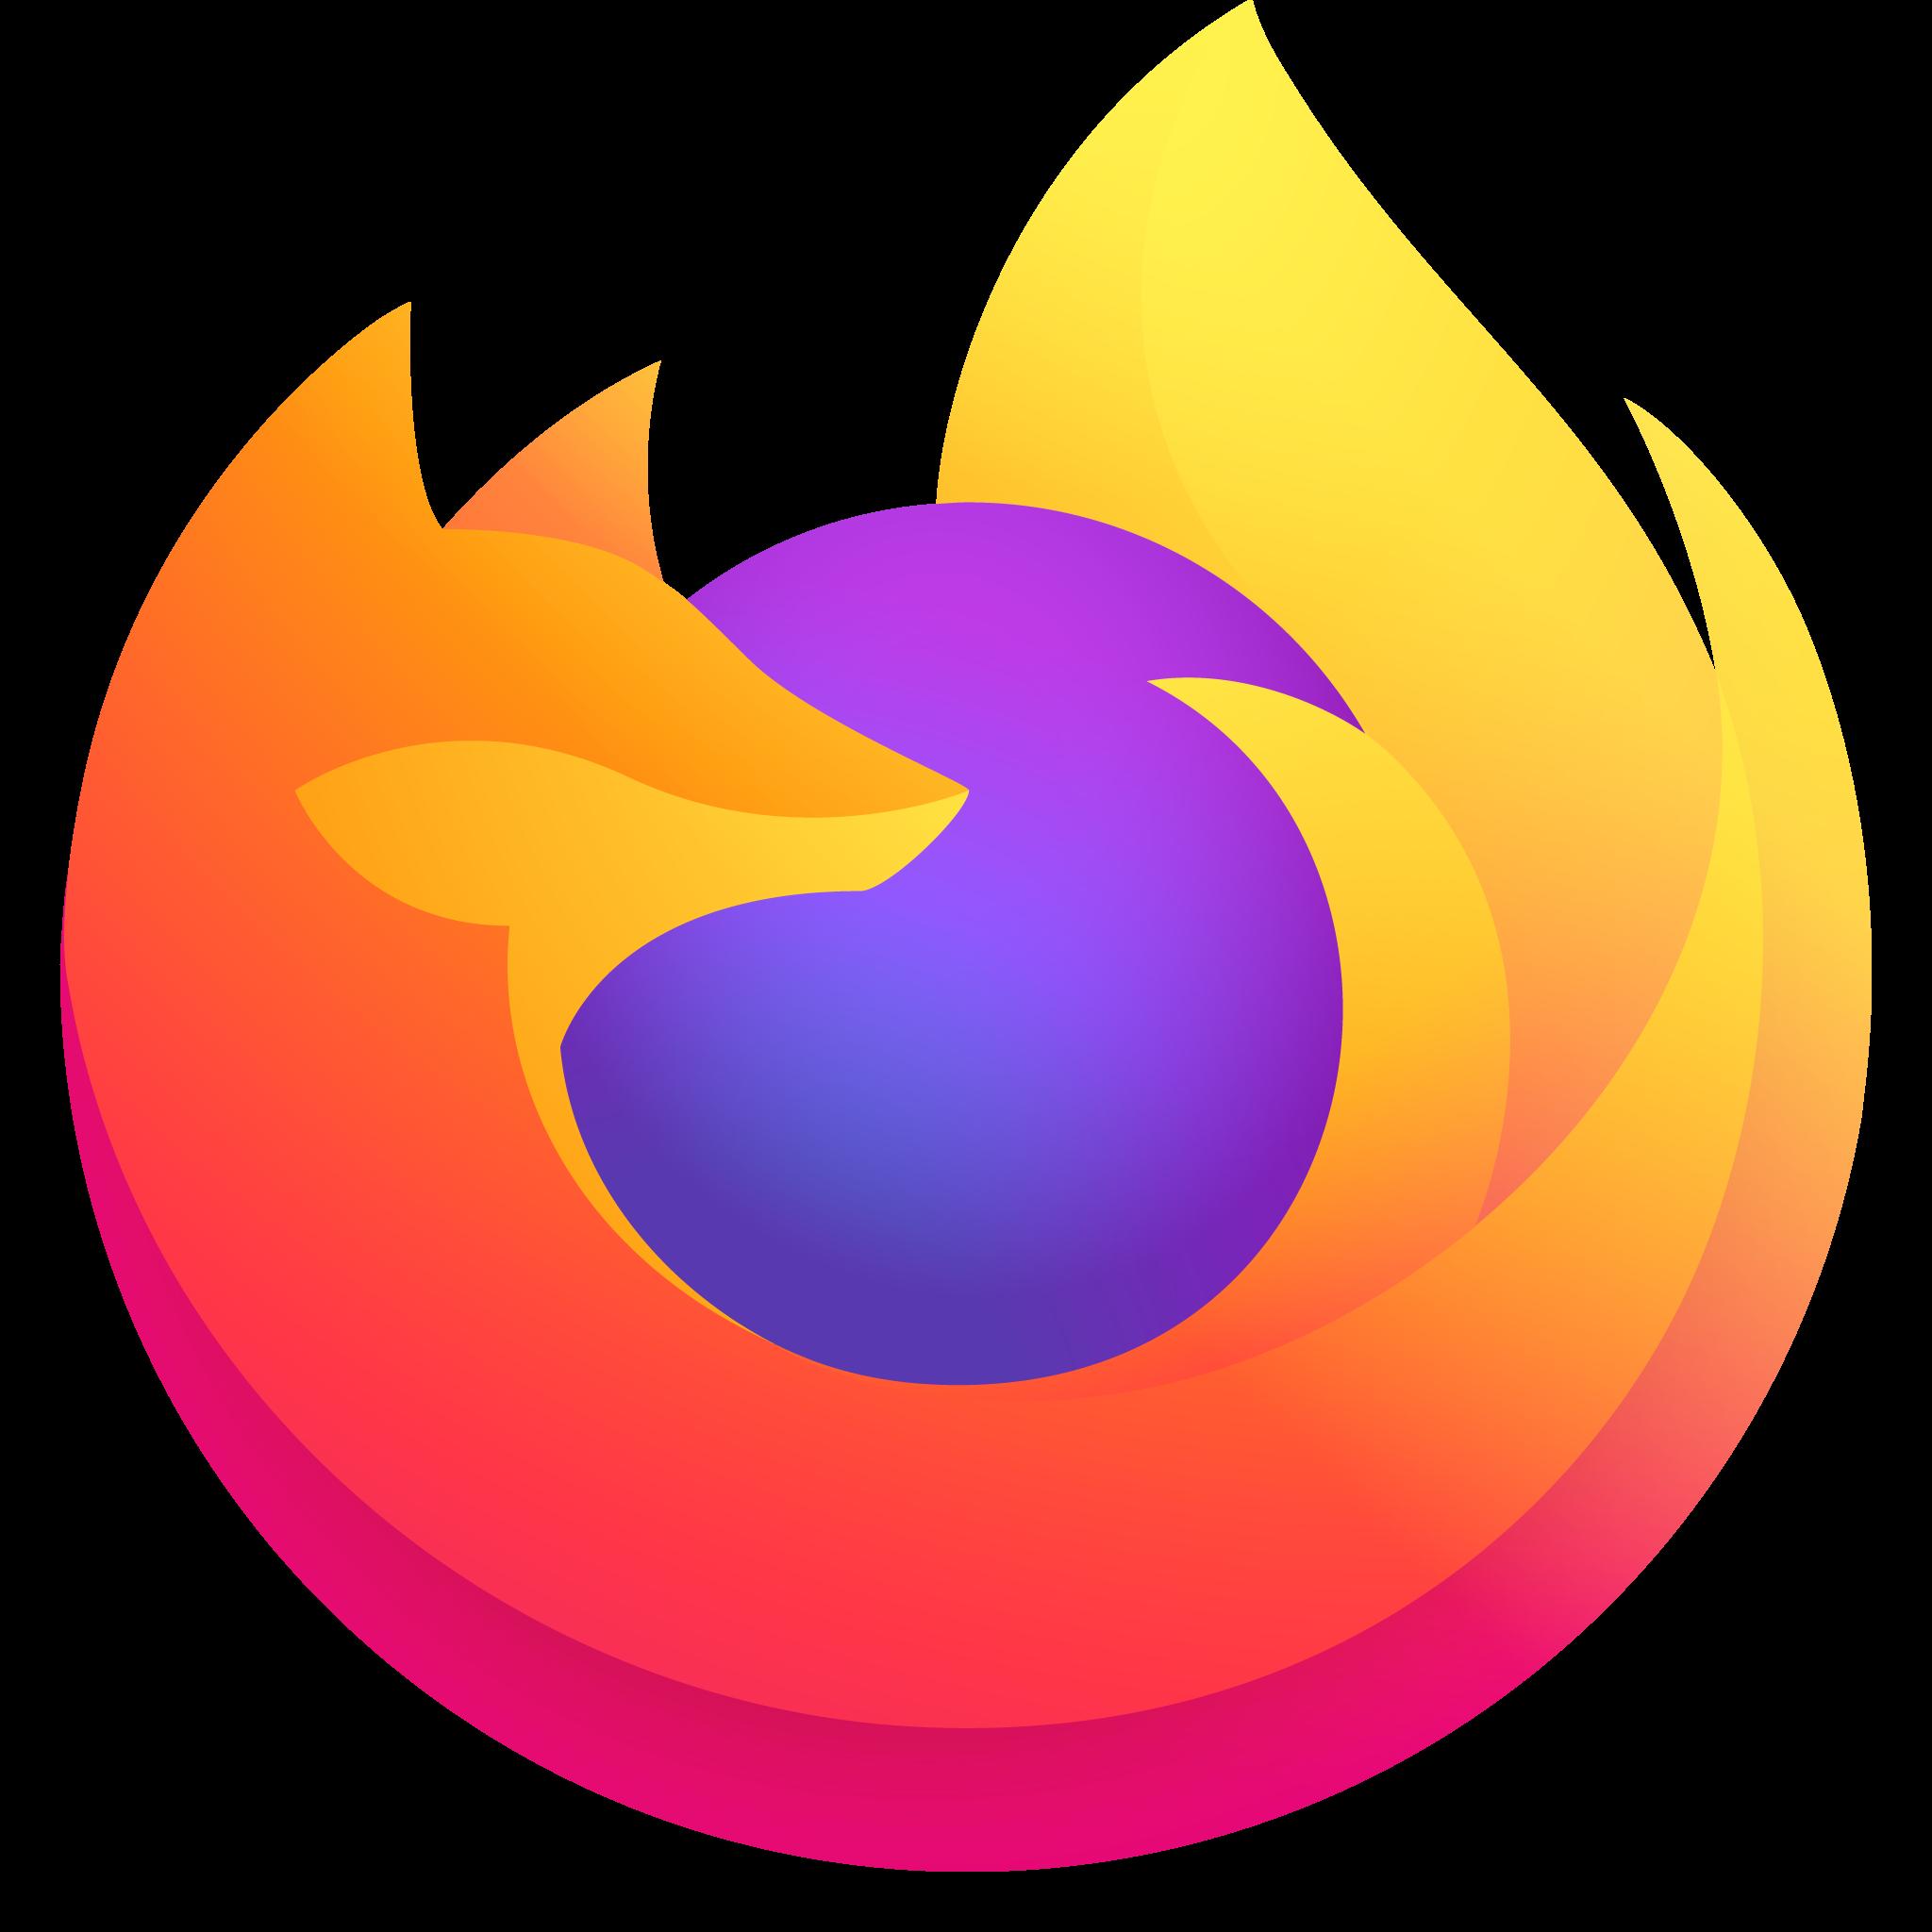 logotip Firefox en català (valencià)